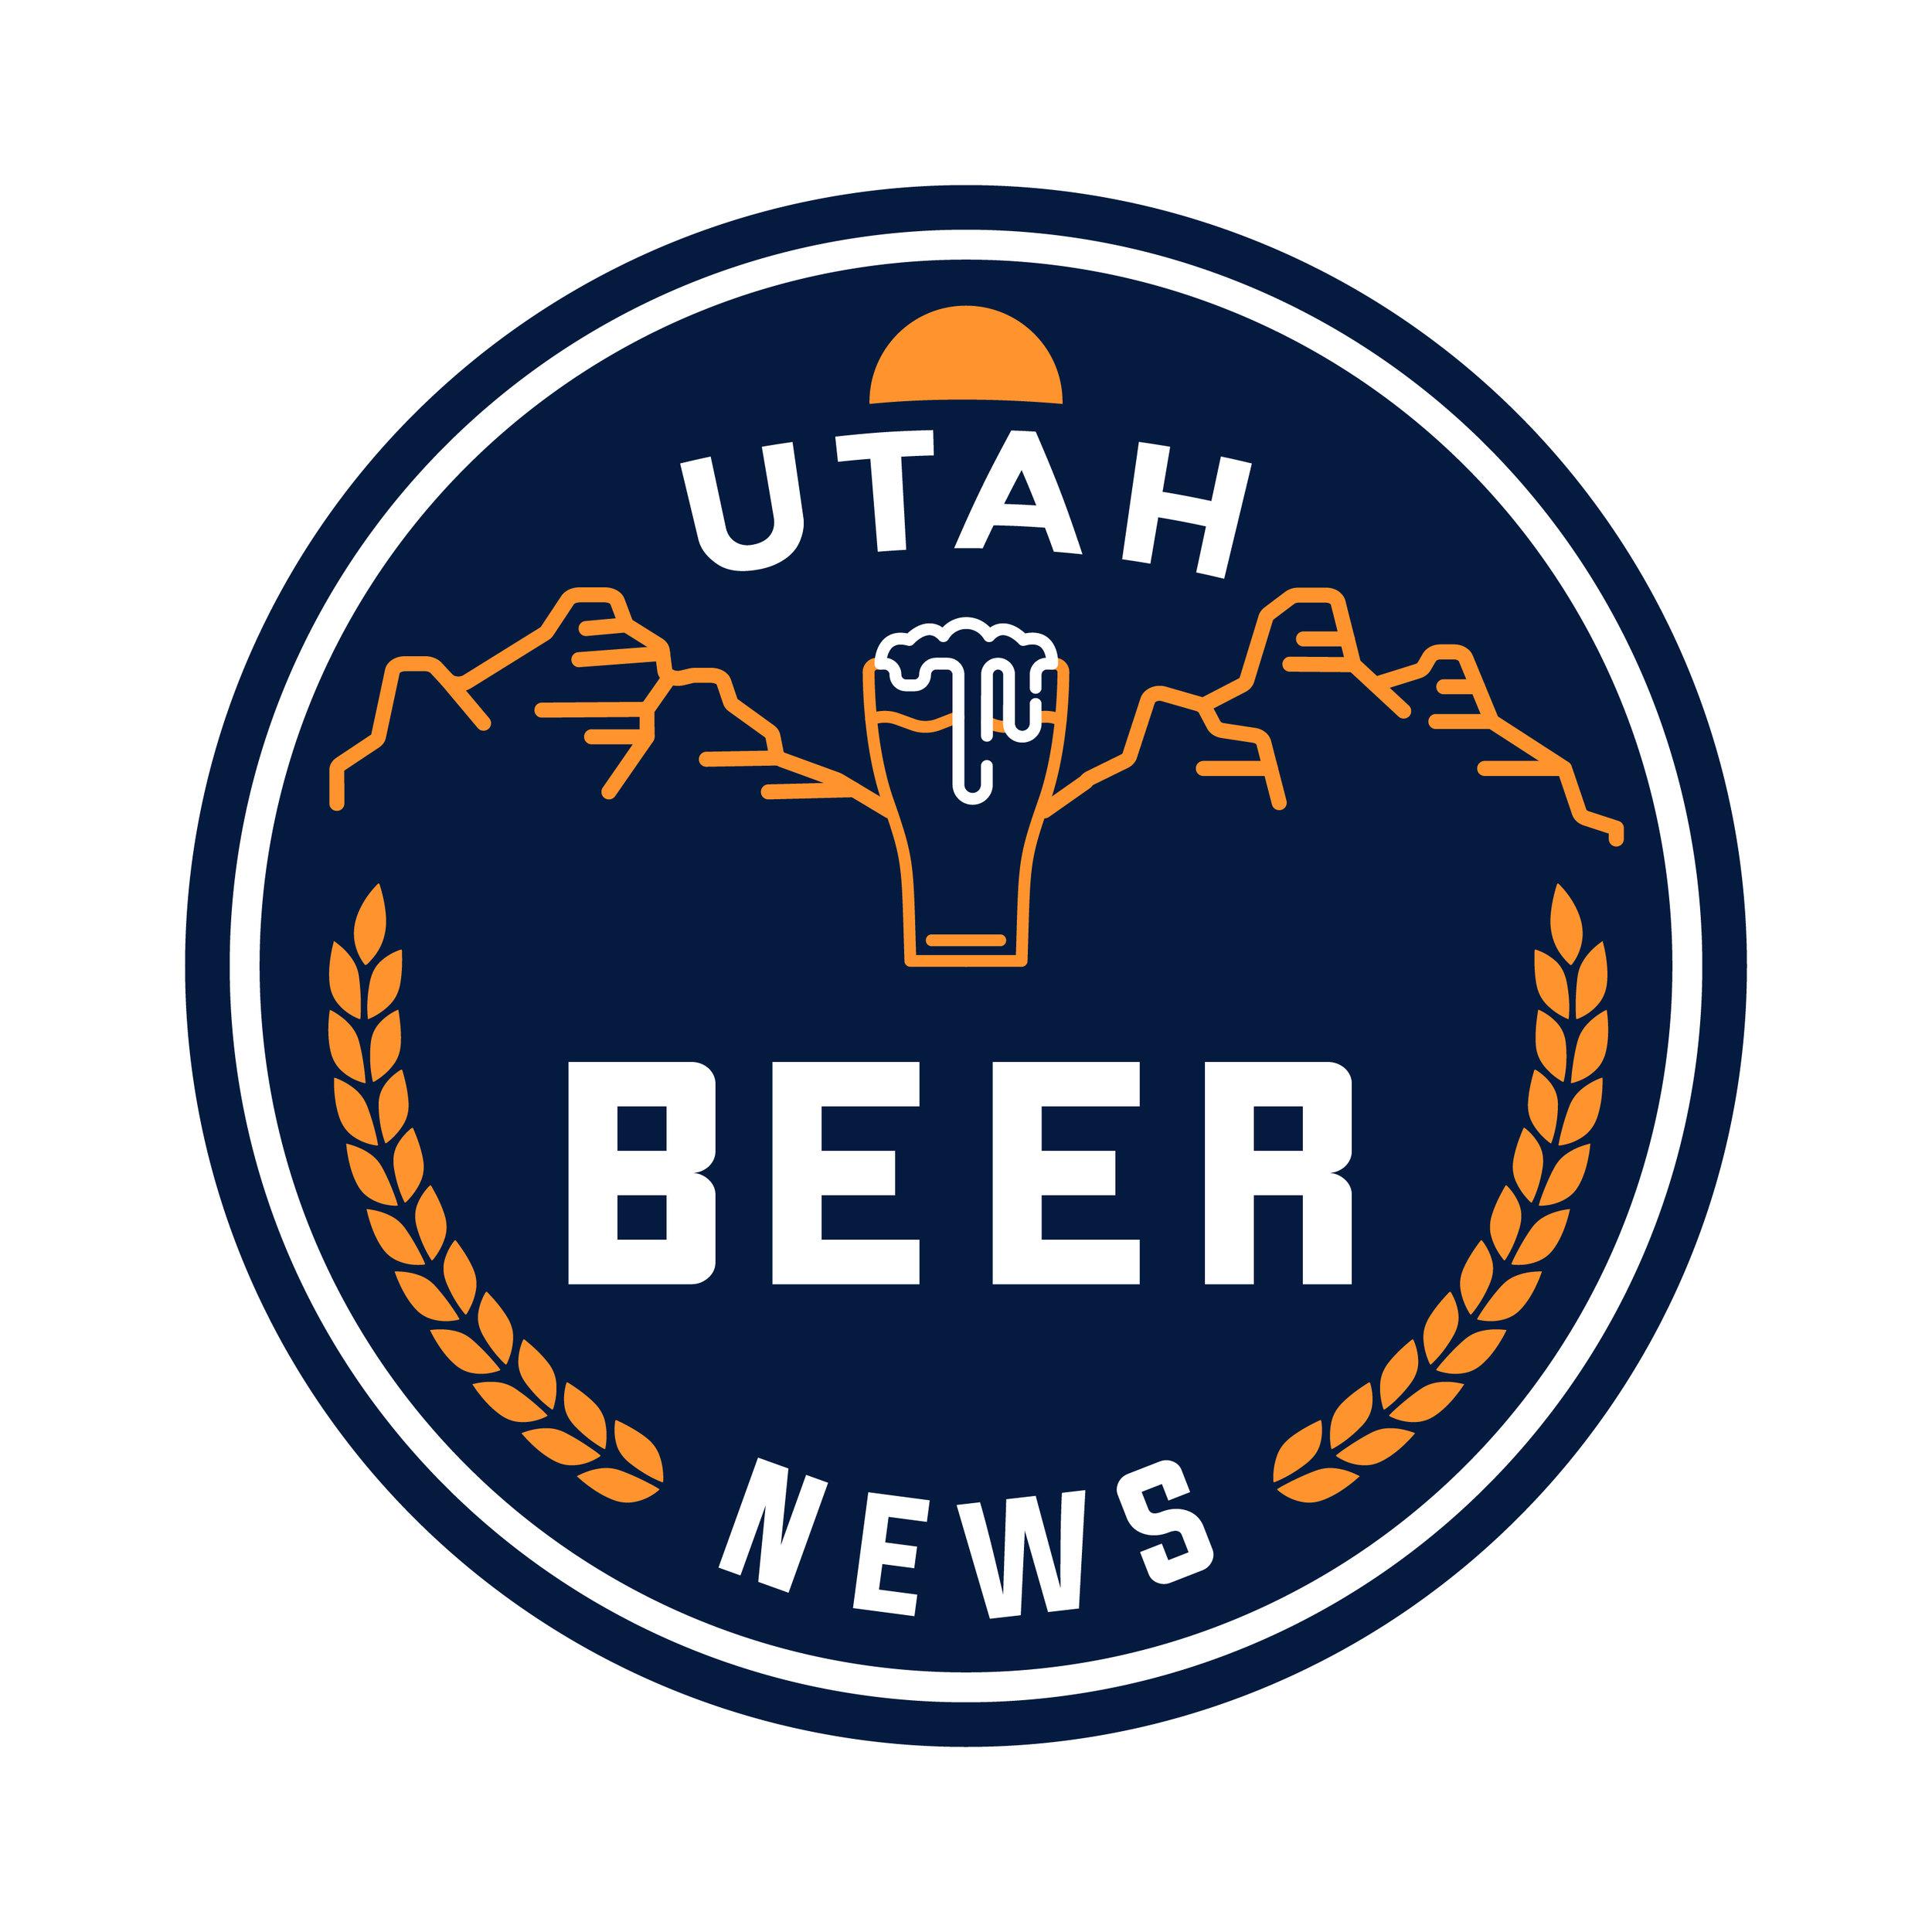 Logo_UtahBeerNews.jpg